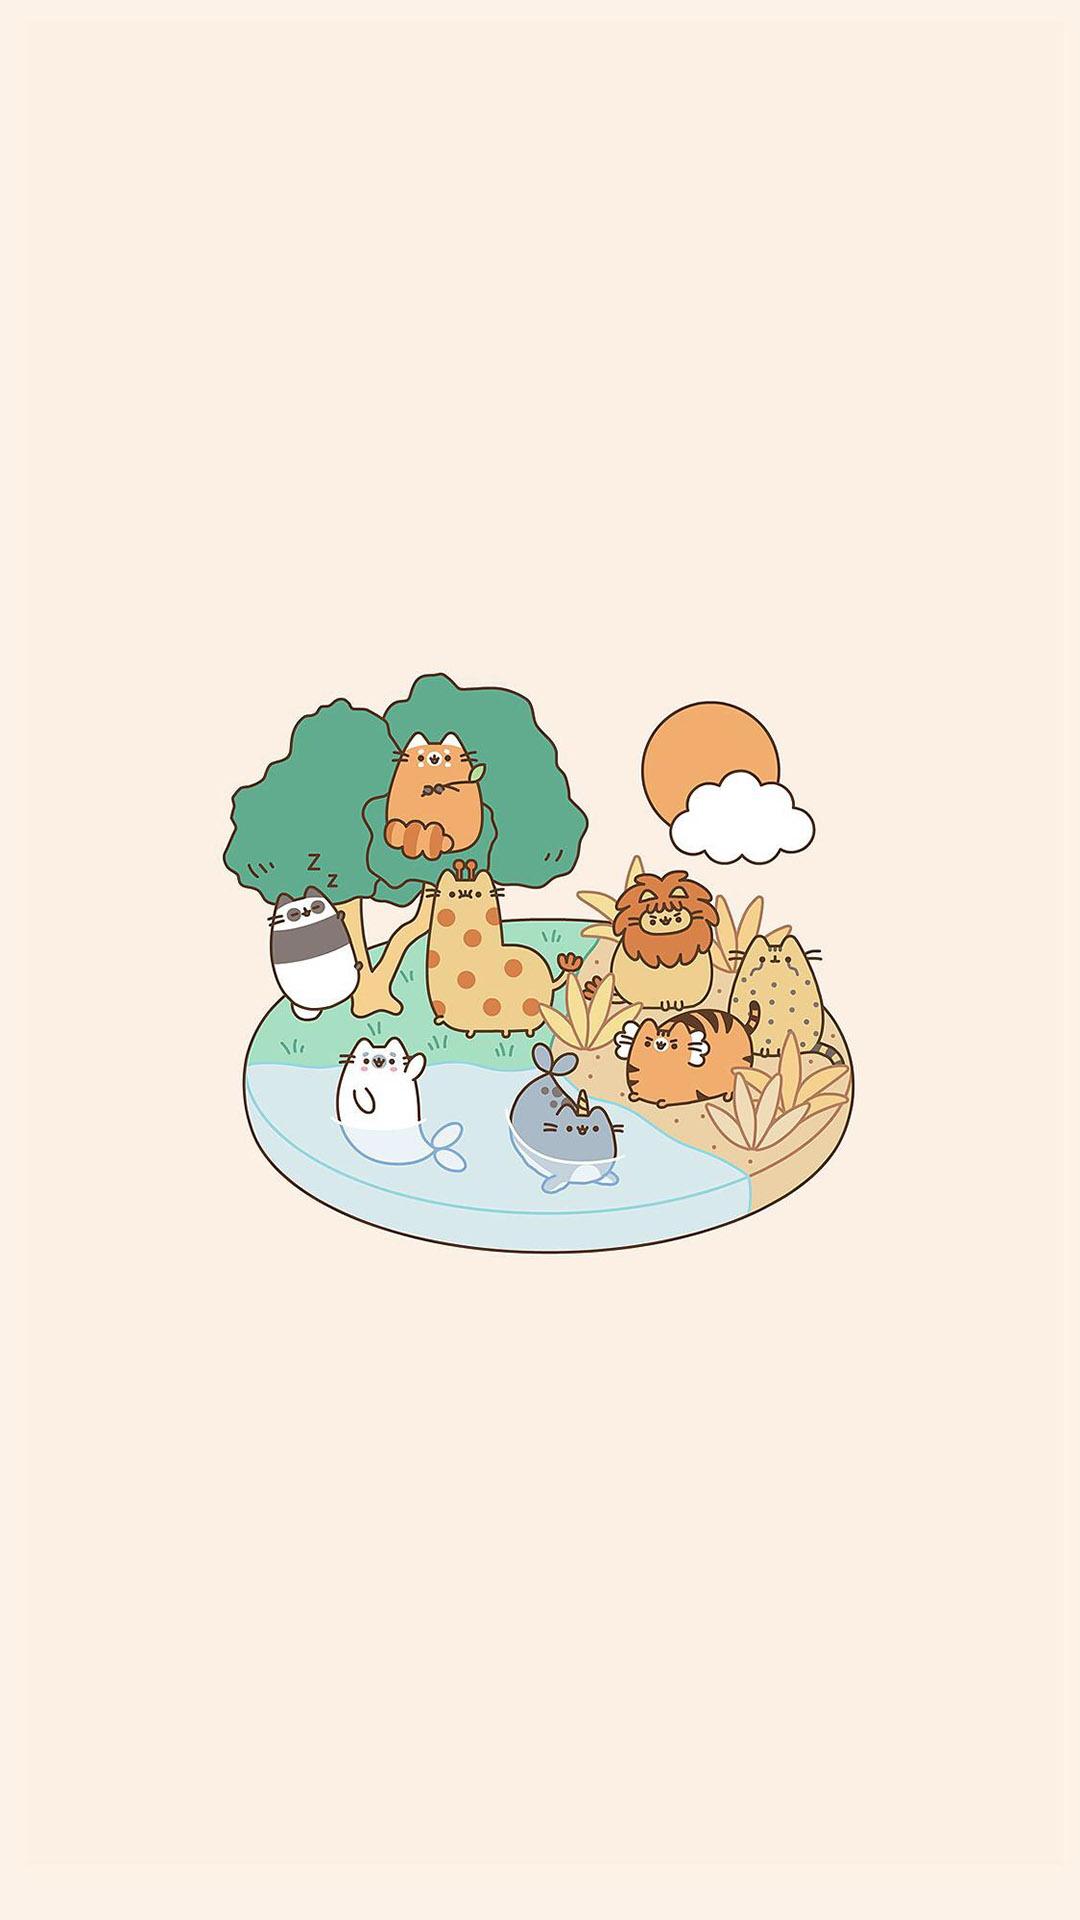 可爱卡通小动物手机壁纸图片,分辨率:1080x1920图片